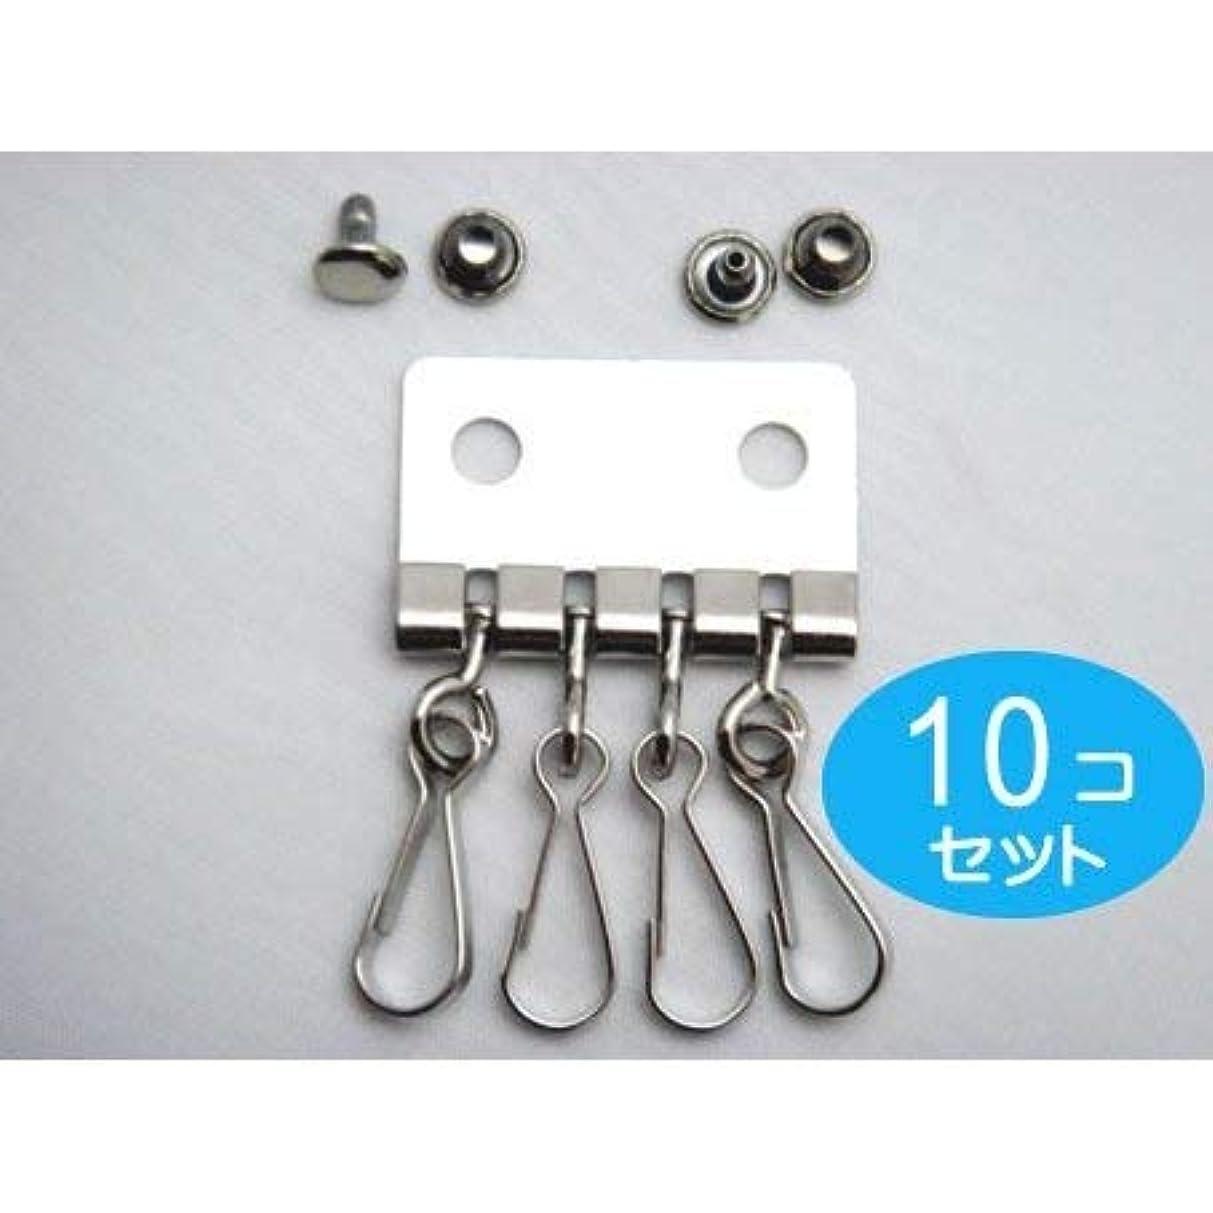 対処イライラするくぼみキーケース 4連タイプ シルバー キーホルダー金具 日本製 (10個セット, シルバー)